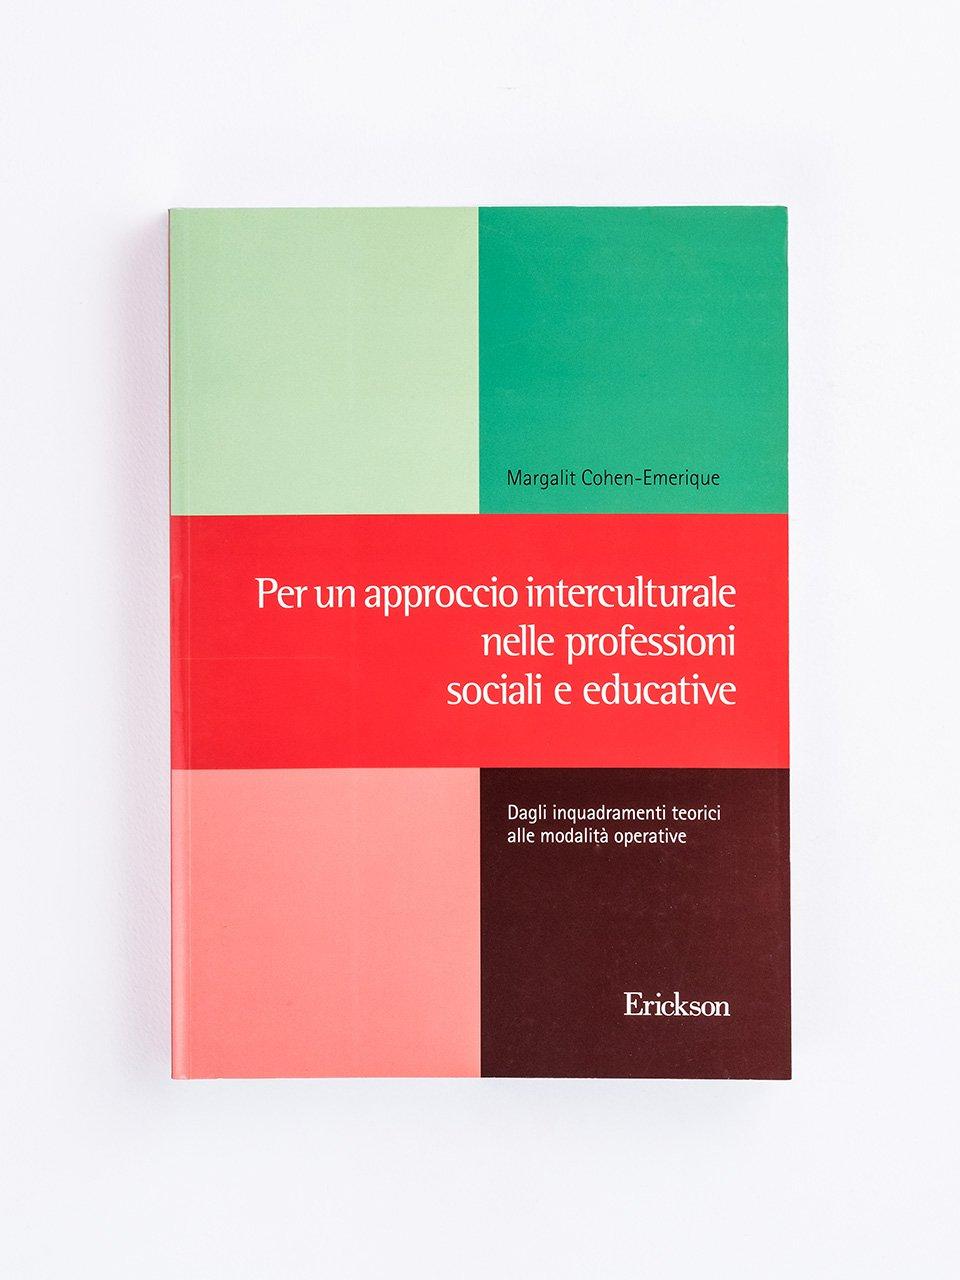 Per un approccio interculturale nelle professioni sociali e educative - Lavorare con gli utenti musulmani - Formazione - Erickson